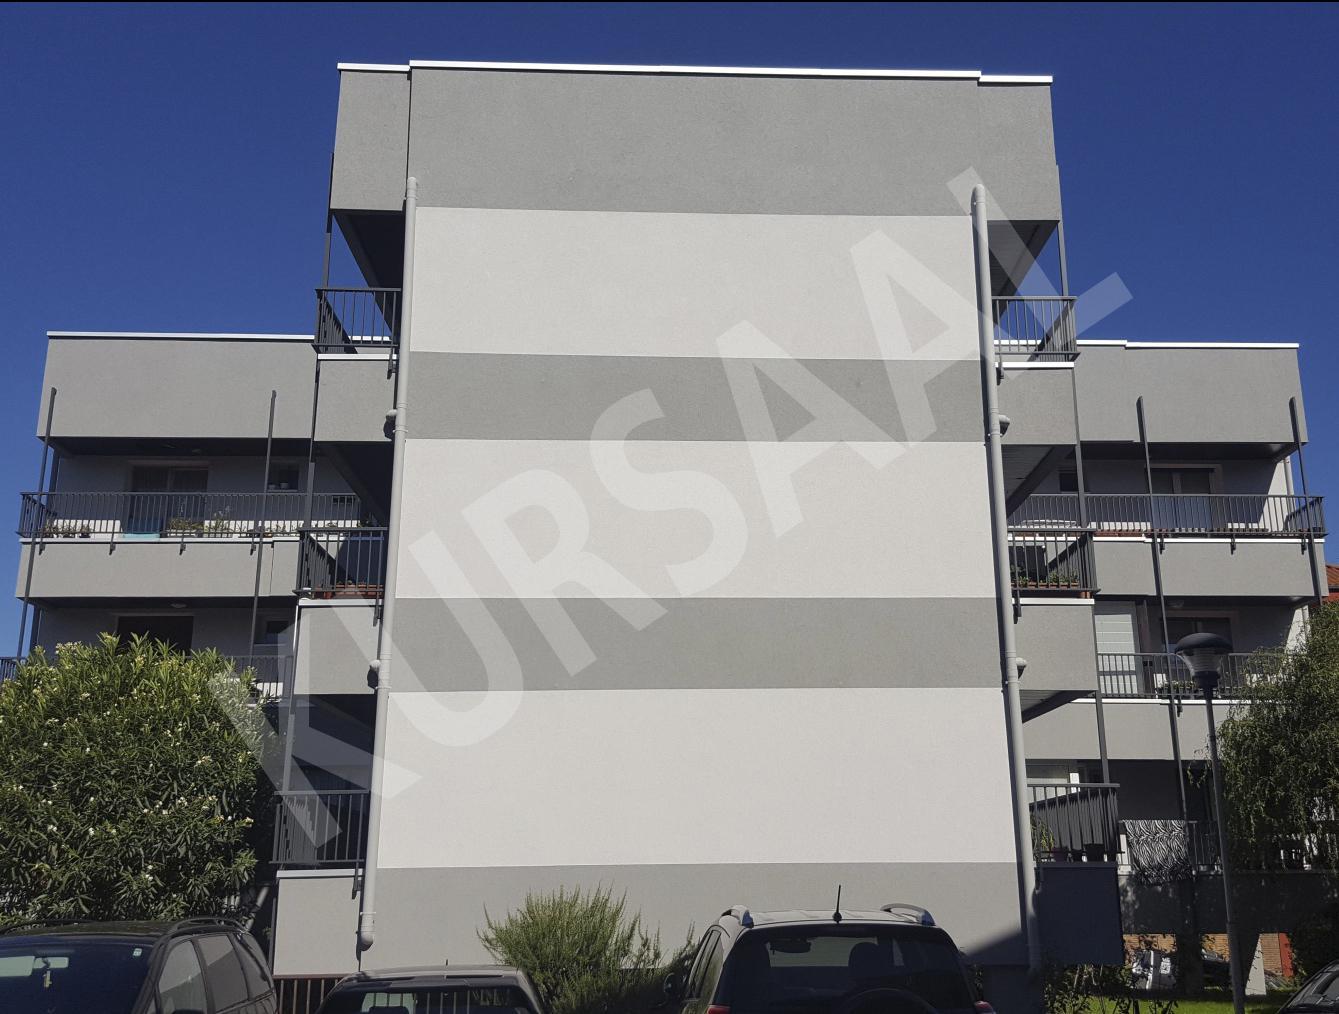 foto 6 - Aislamientos Térmicos y Eficiencia Energética-Belizalde 21-Donostia